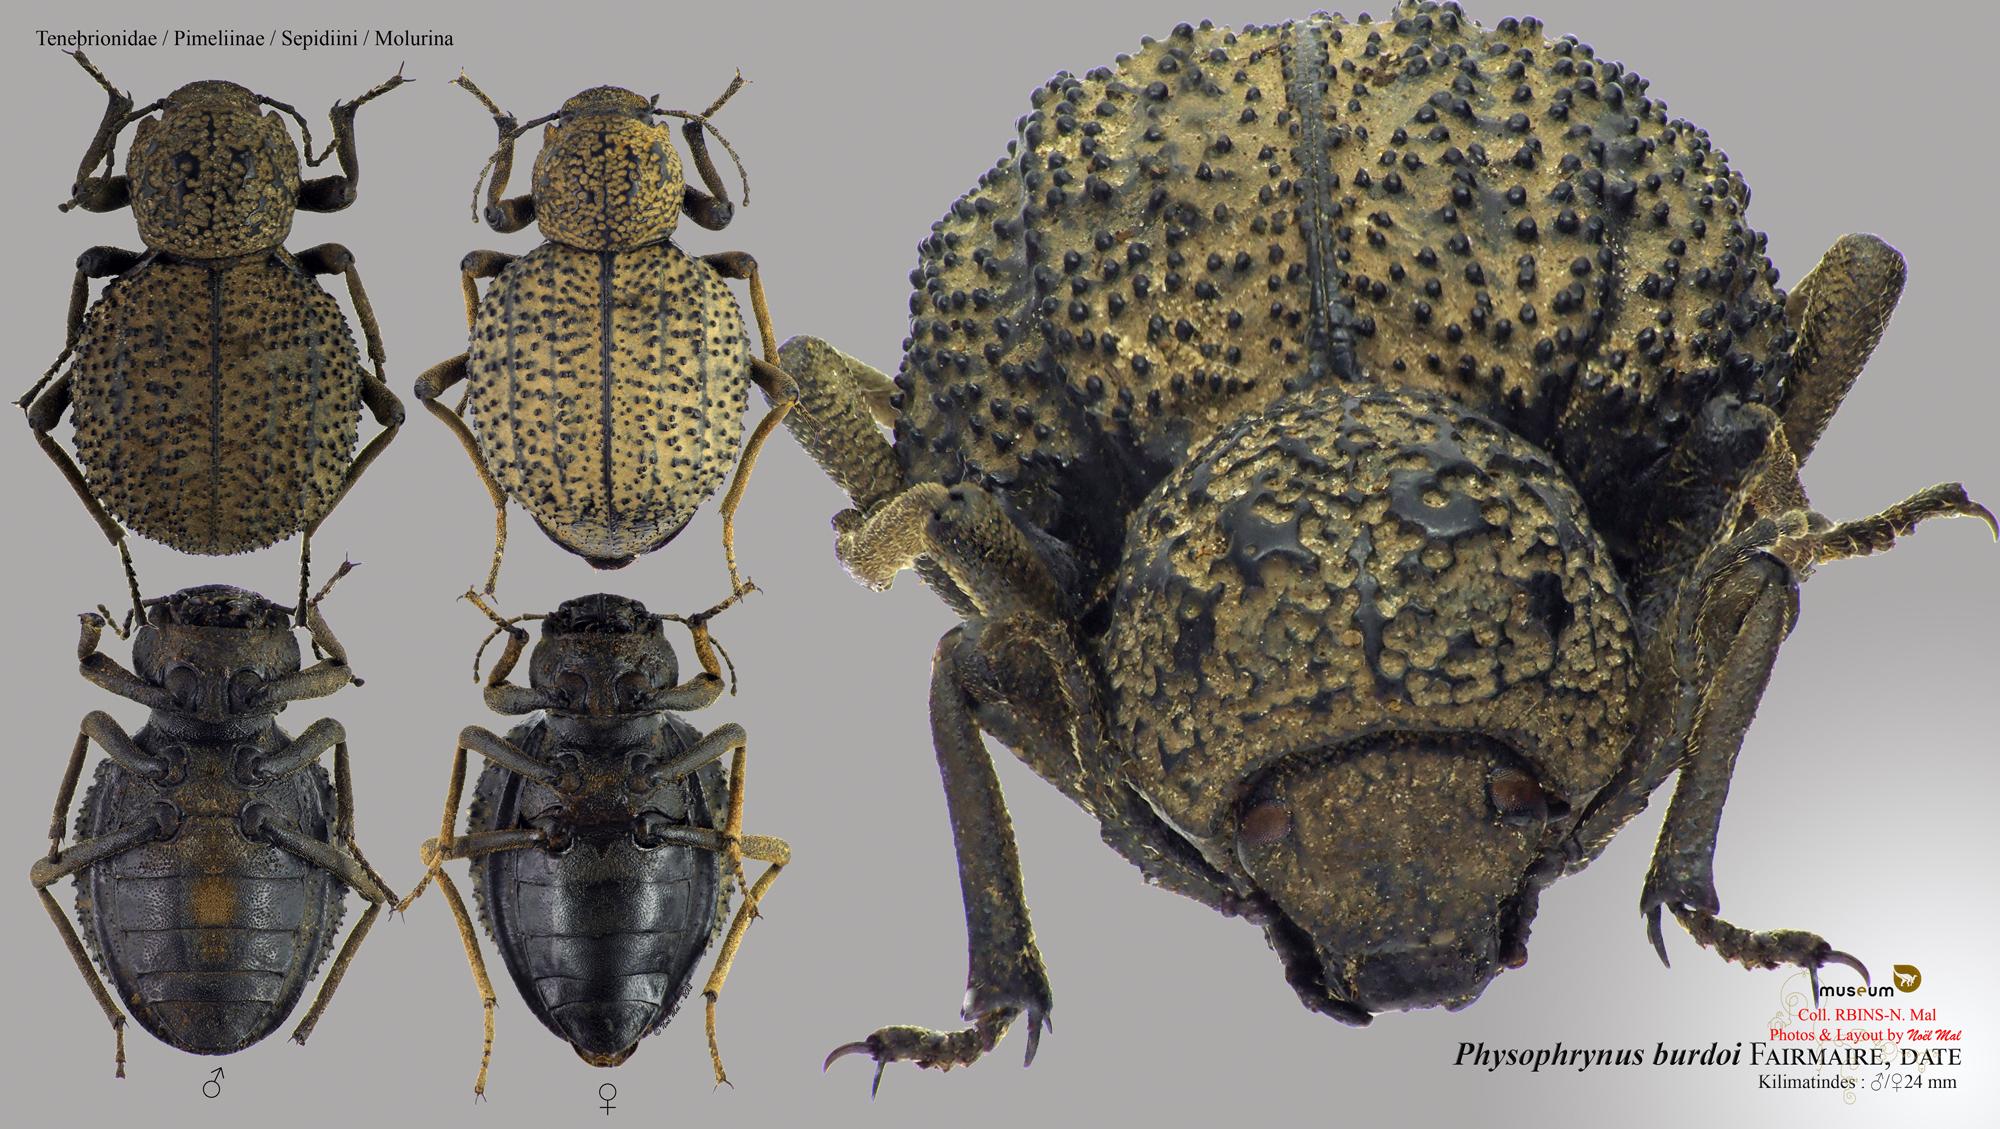 Physophrynus burdoi.jpg